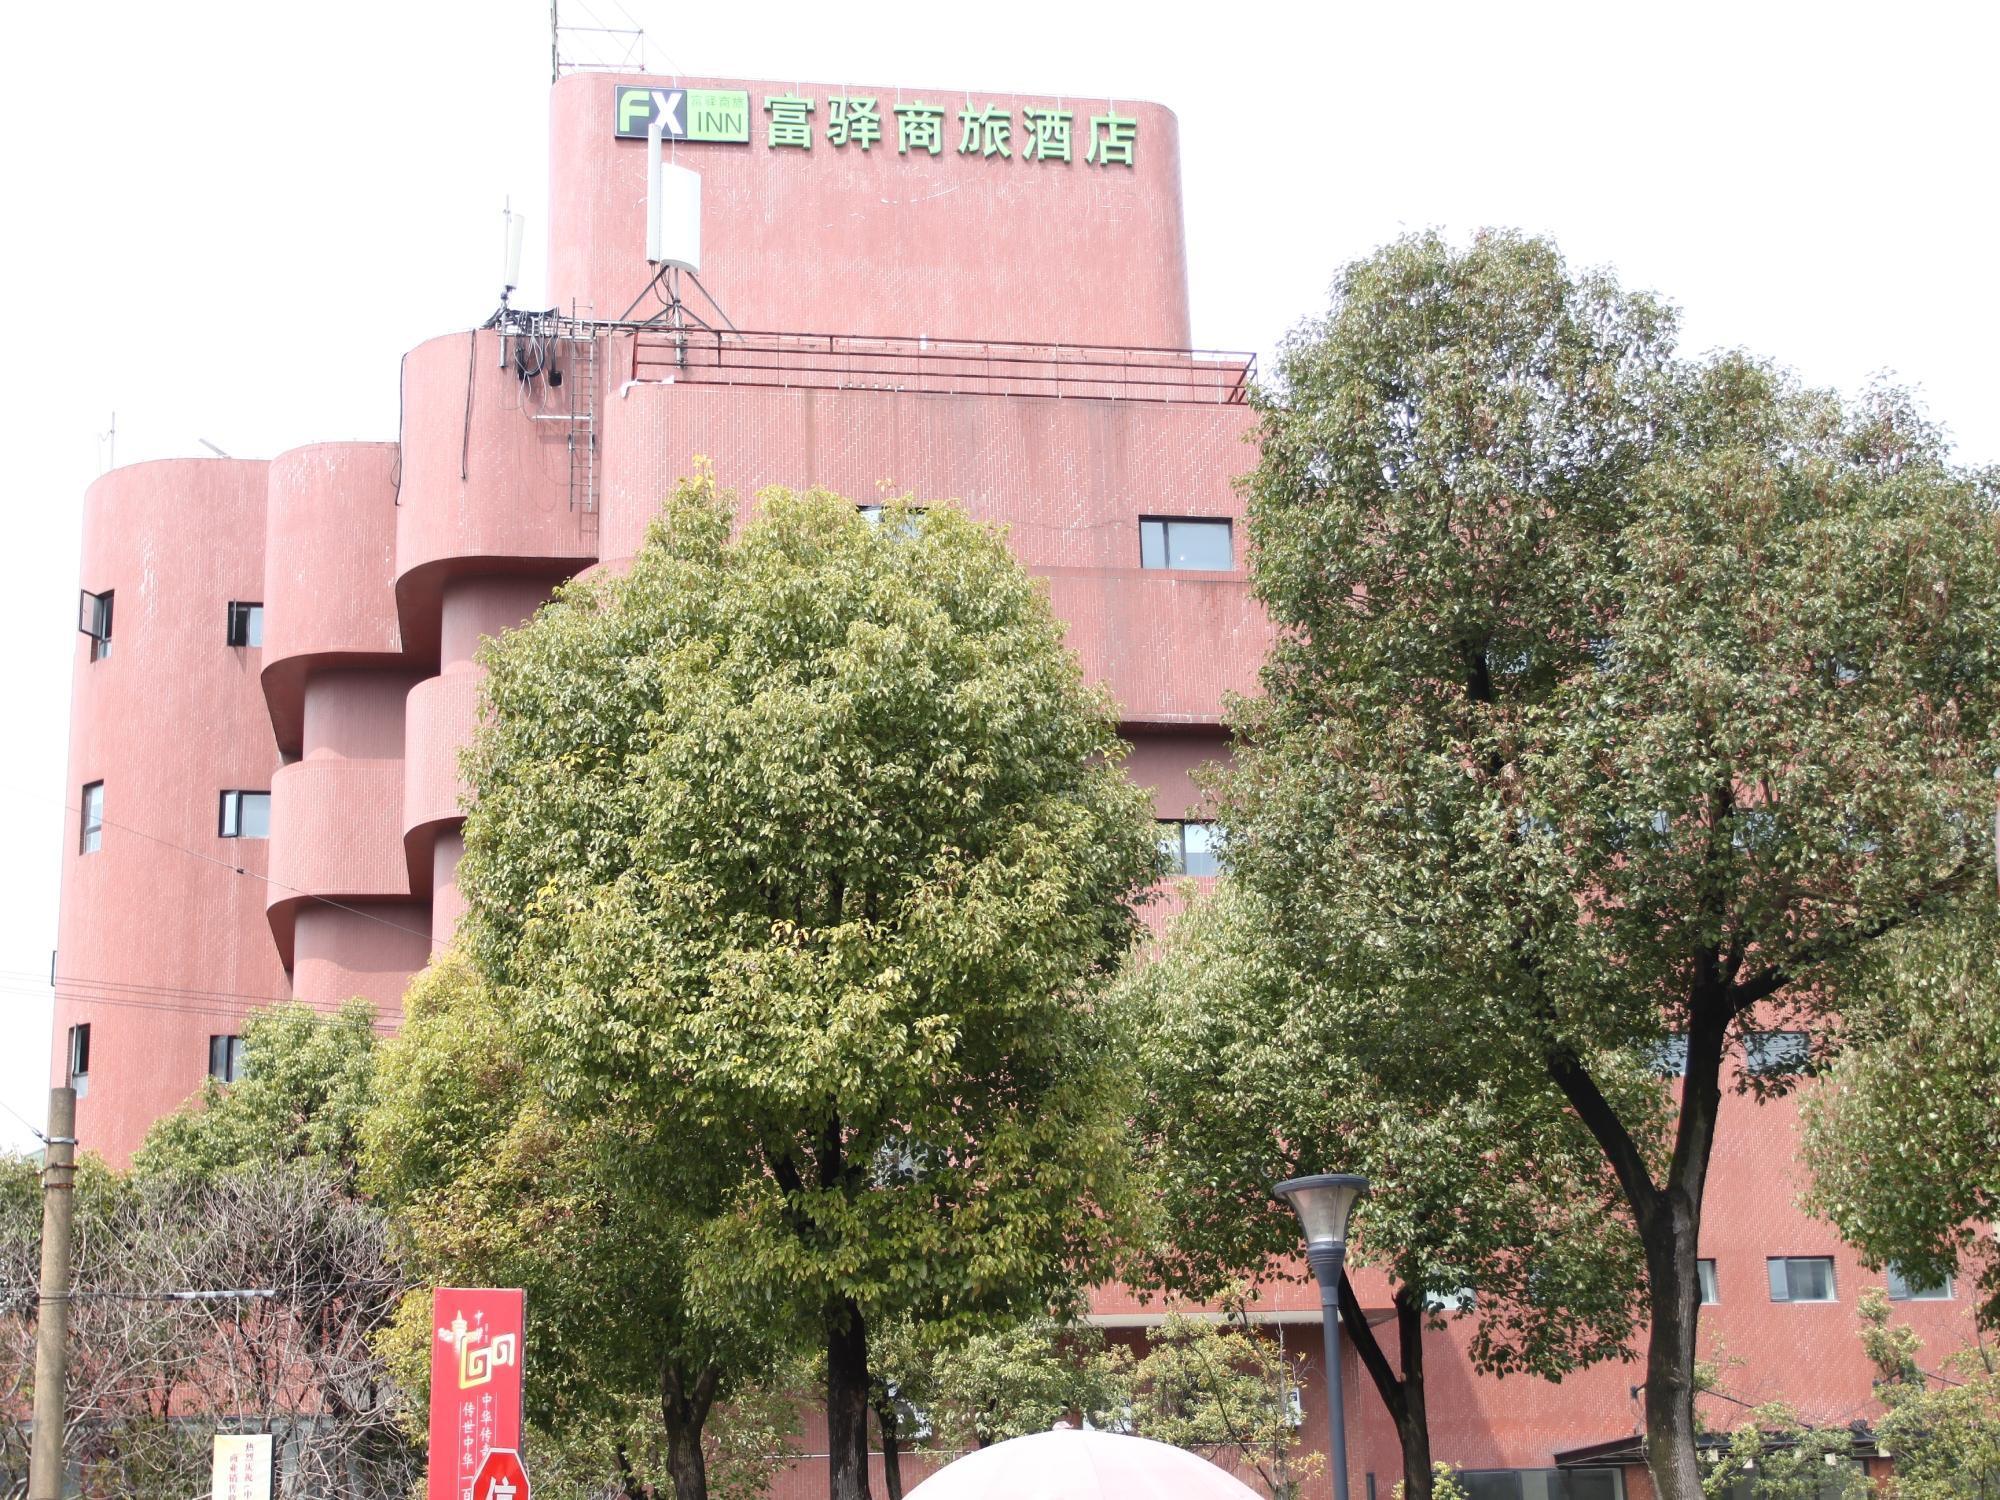 FX Hotel Shanghai North Bund